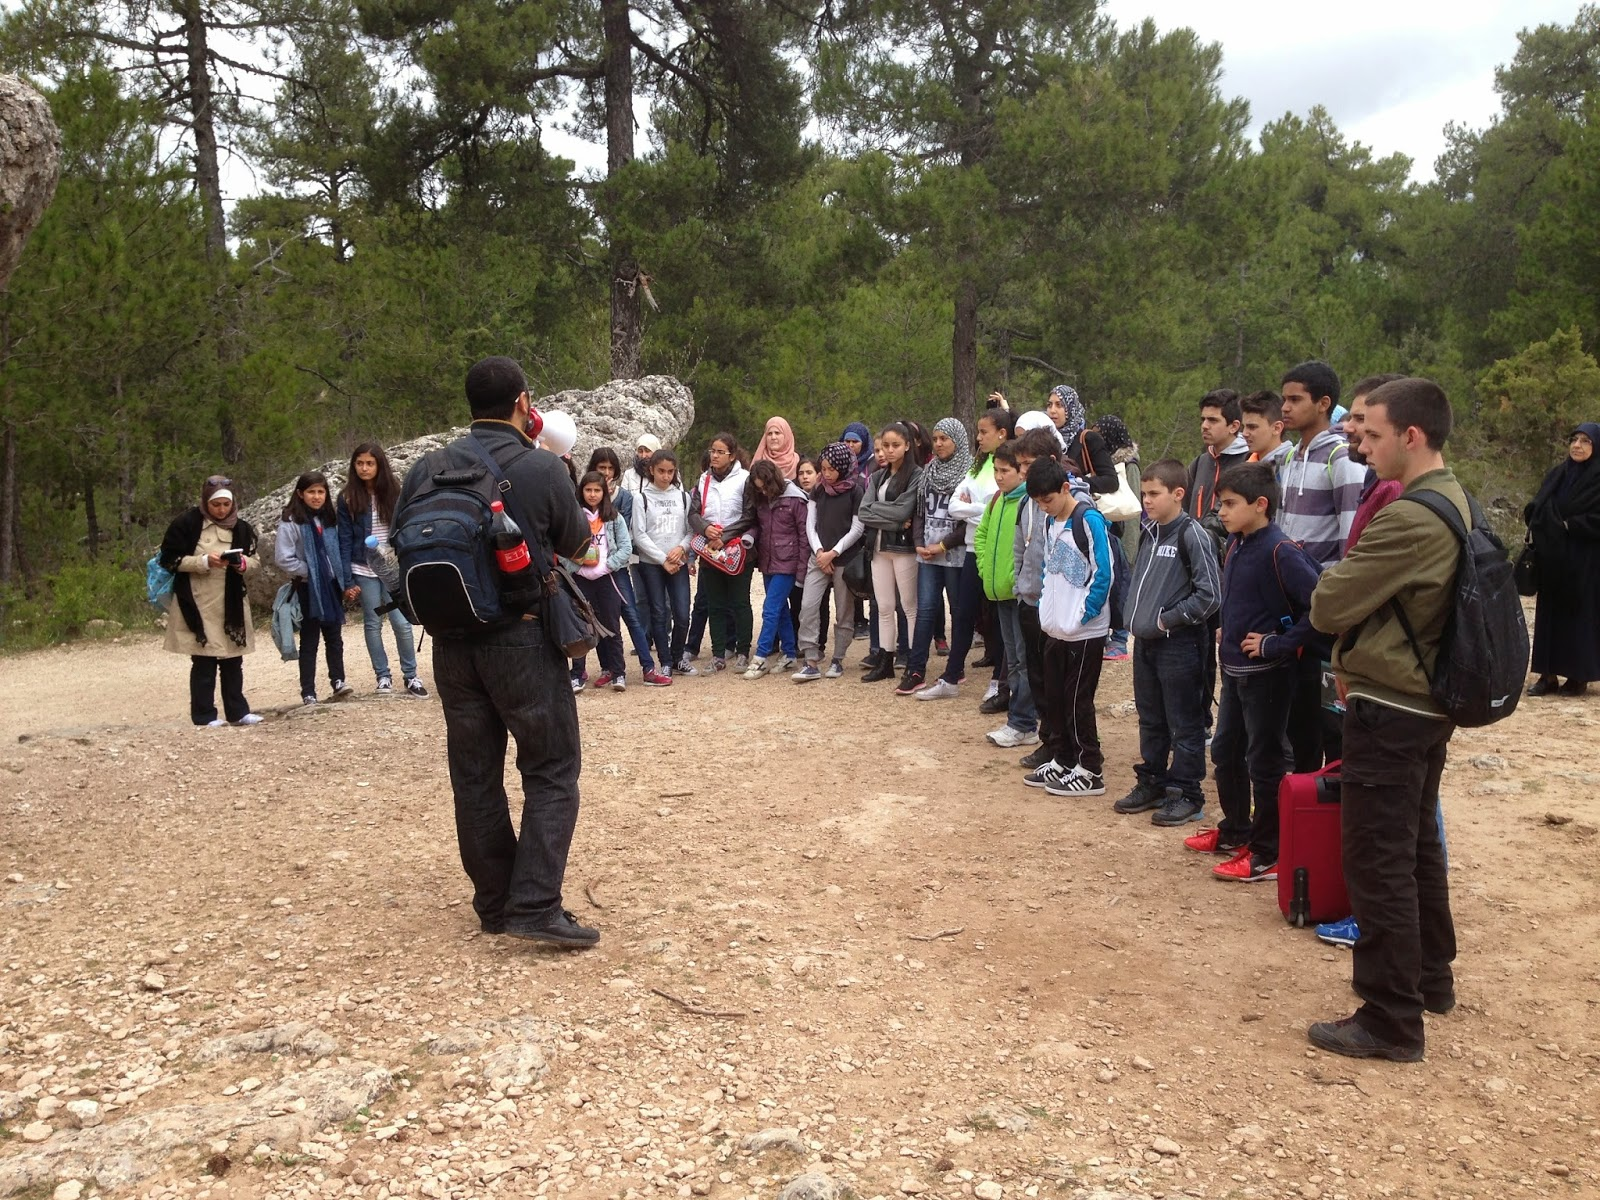 Exito de la excursión juvenil a la ciudad de Cuenca